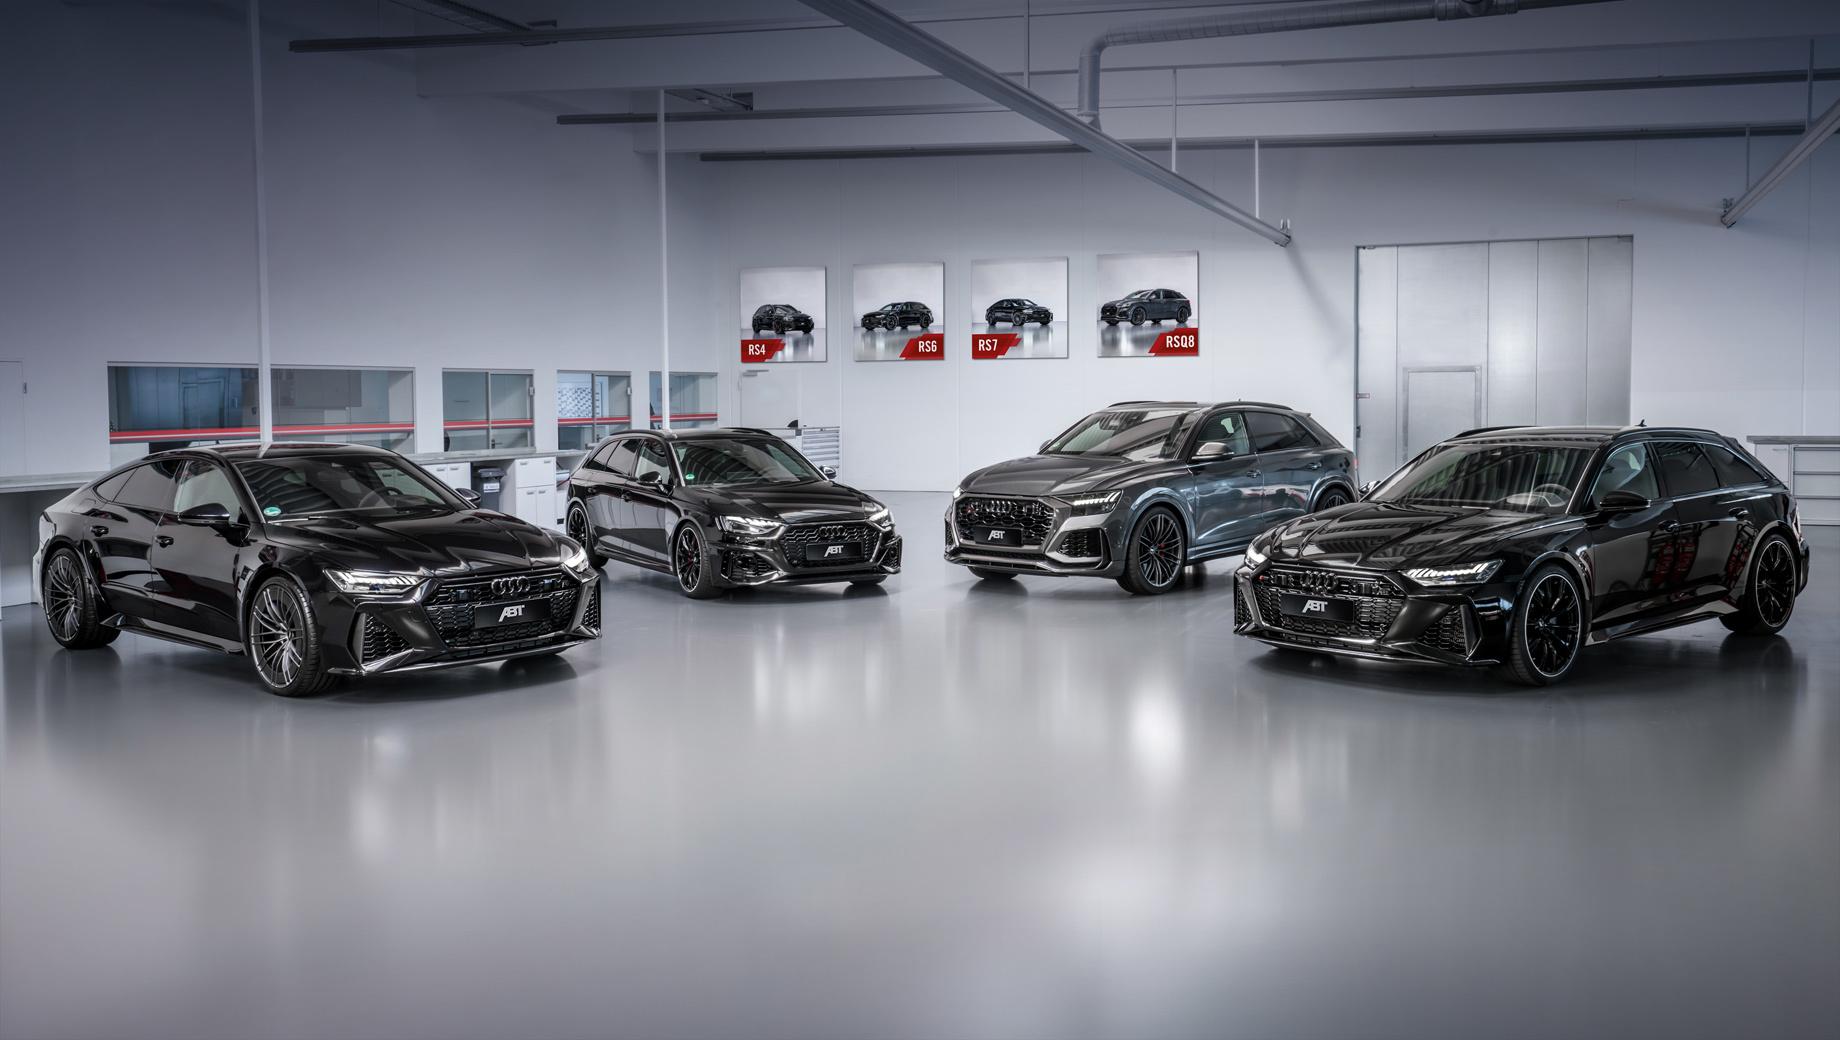 Audi rs4,Audi rs6,Audi rs7,Audi rs q8. Ингольштадтские «зажигалки» повысили мощность за счёт блока контроля двигателя ABT Engine Control (AEC). При необходимости (в зависимости от степени форсировки) он дополняется новыми компонентами системы впуска и новым интеркулером.